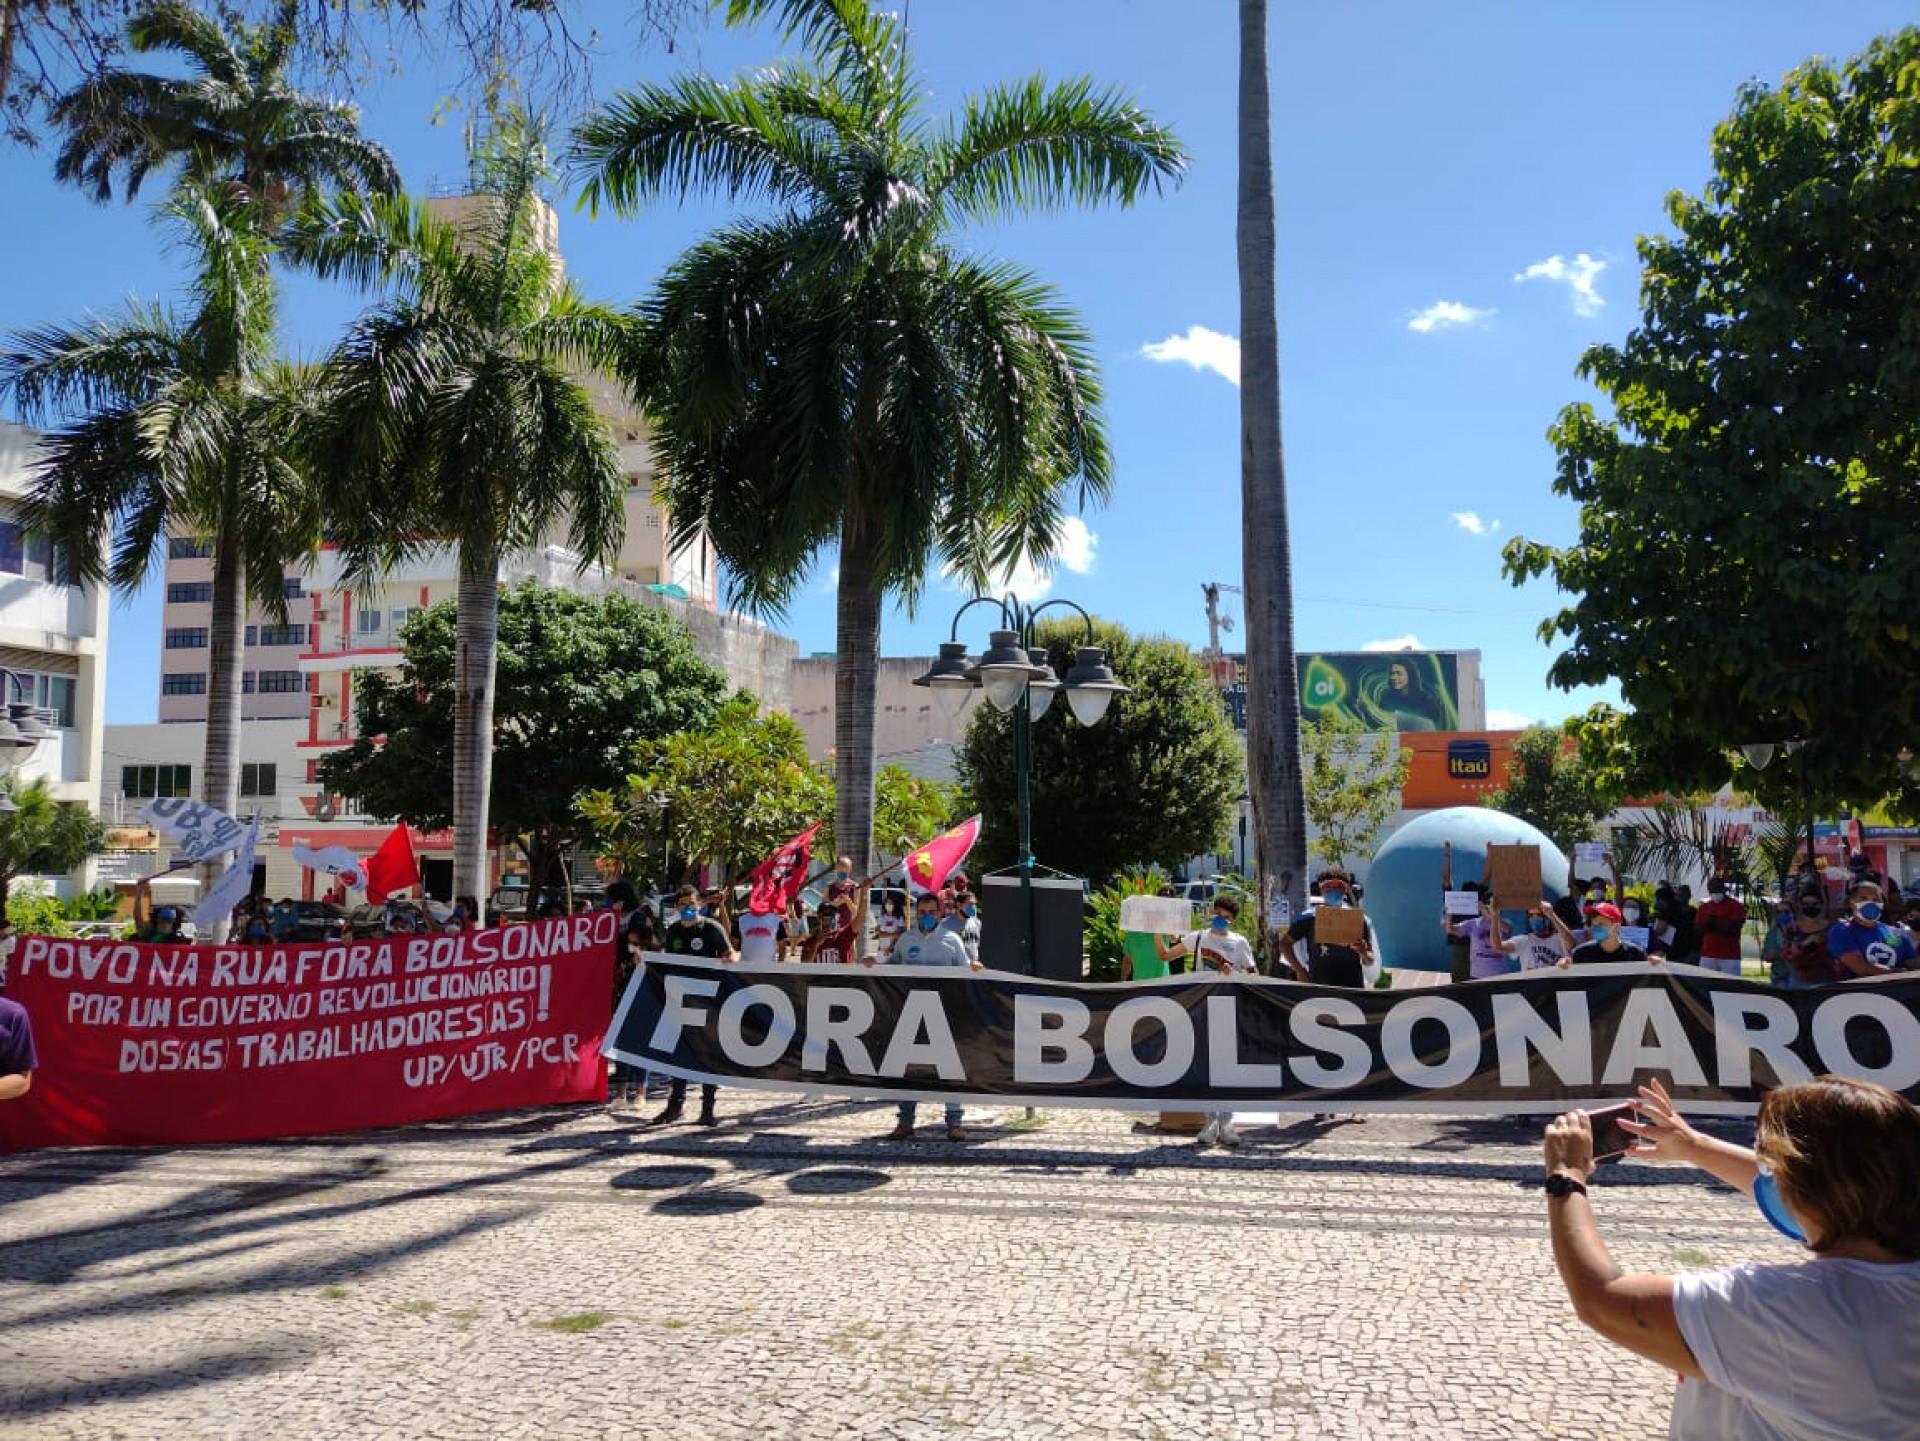 Manifestantes percorreram a avenida São Pedro, em direção à praça Padre Cícero, no ato contra Bolsonaro em Juazeiro do Norte (Foto: DIVULGAÇÃO/ Movimento de Mulheres do Cariri)